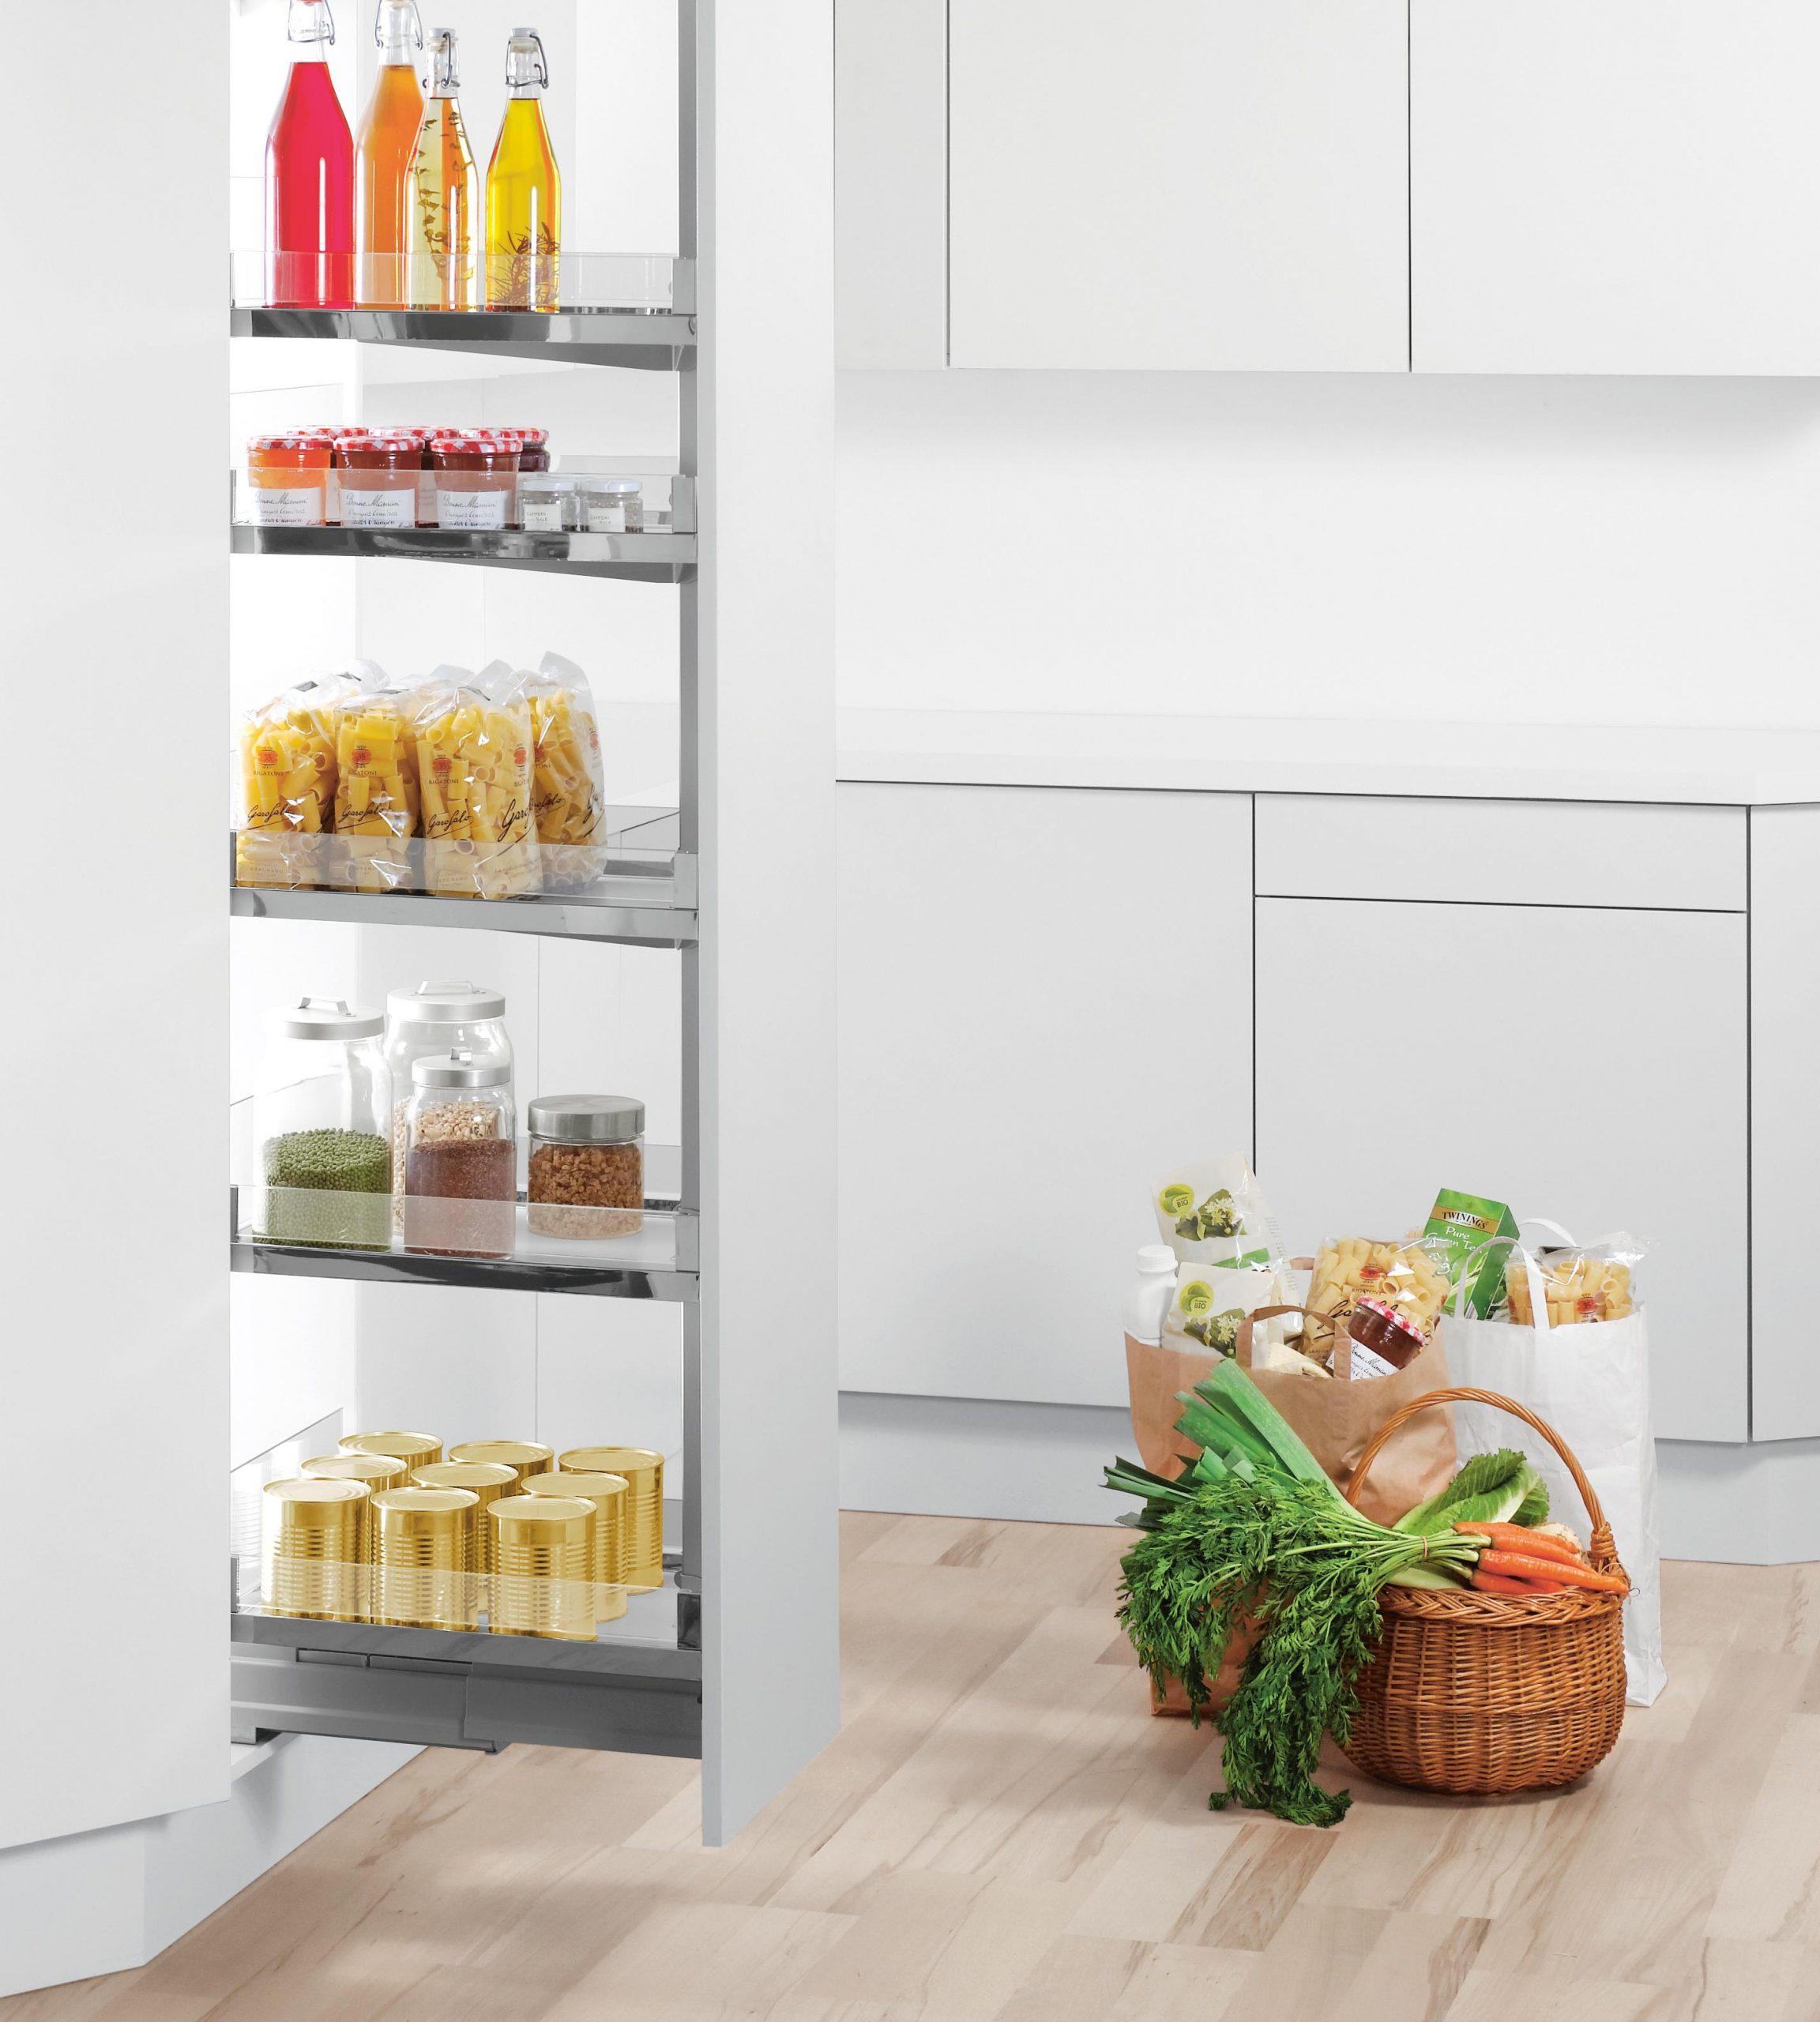 Full Size of Hochschrank Küche 50 Cm Breit Ikea Hochschrank Küche Hochschrank Küche Günstig Geräte Hochschrank Küche Küche Hochschrank Küche